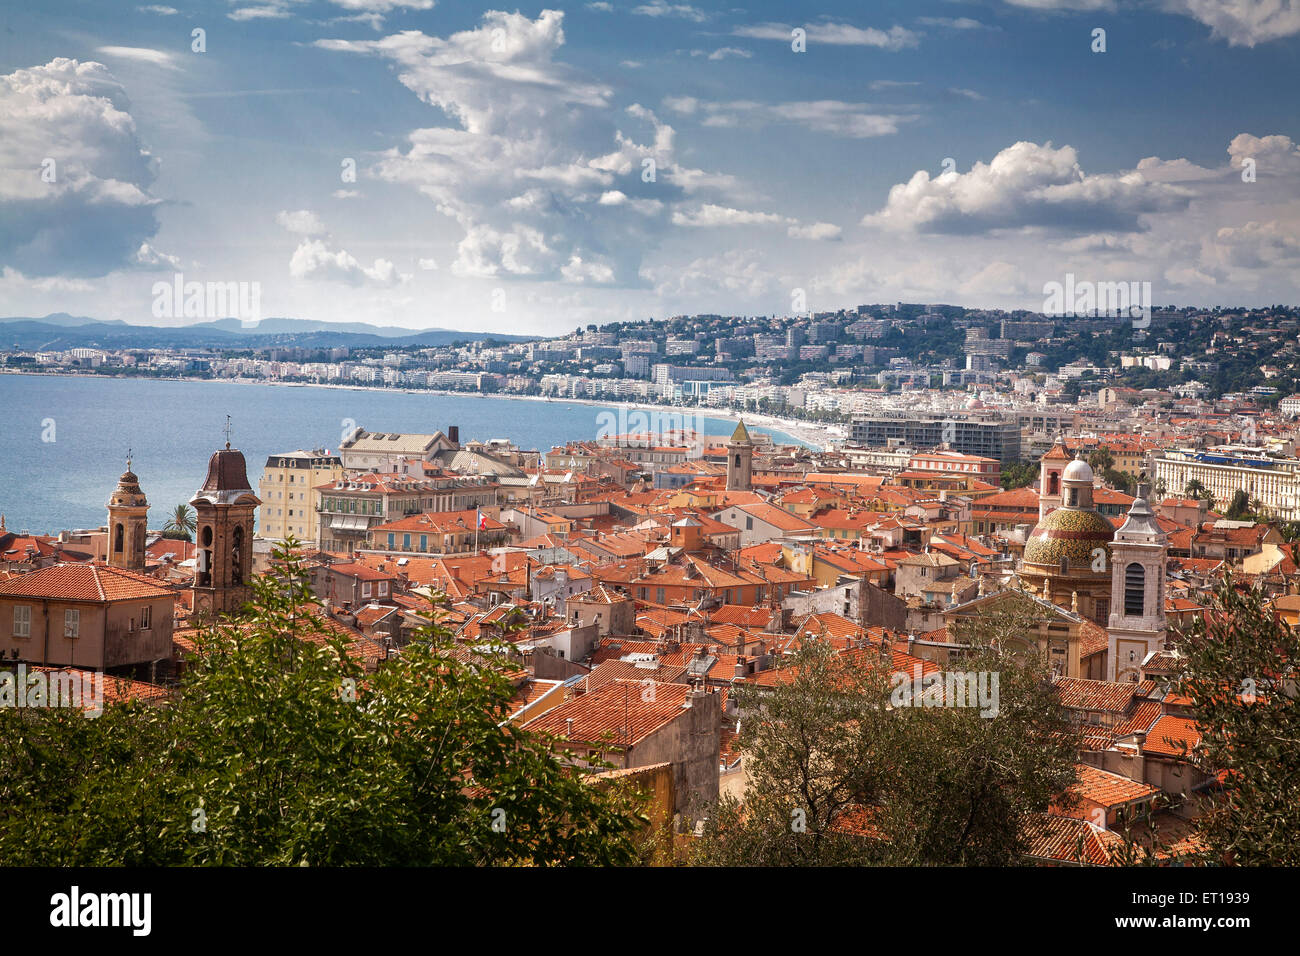 Lo skyline di Nizza, Francia. Immagini Stock